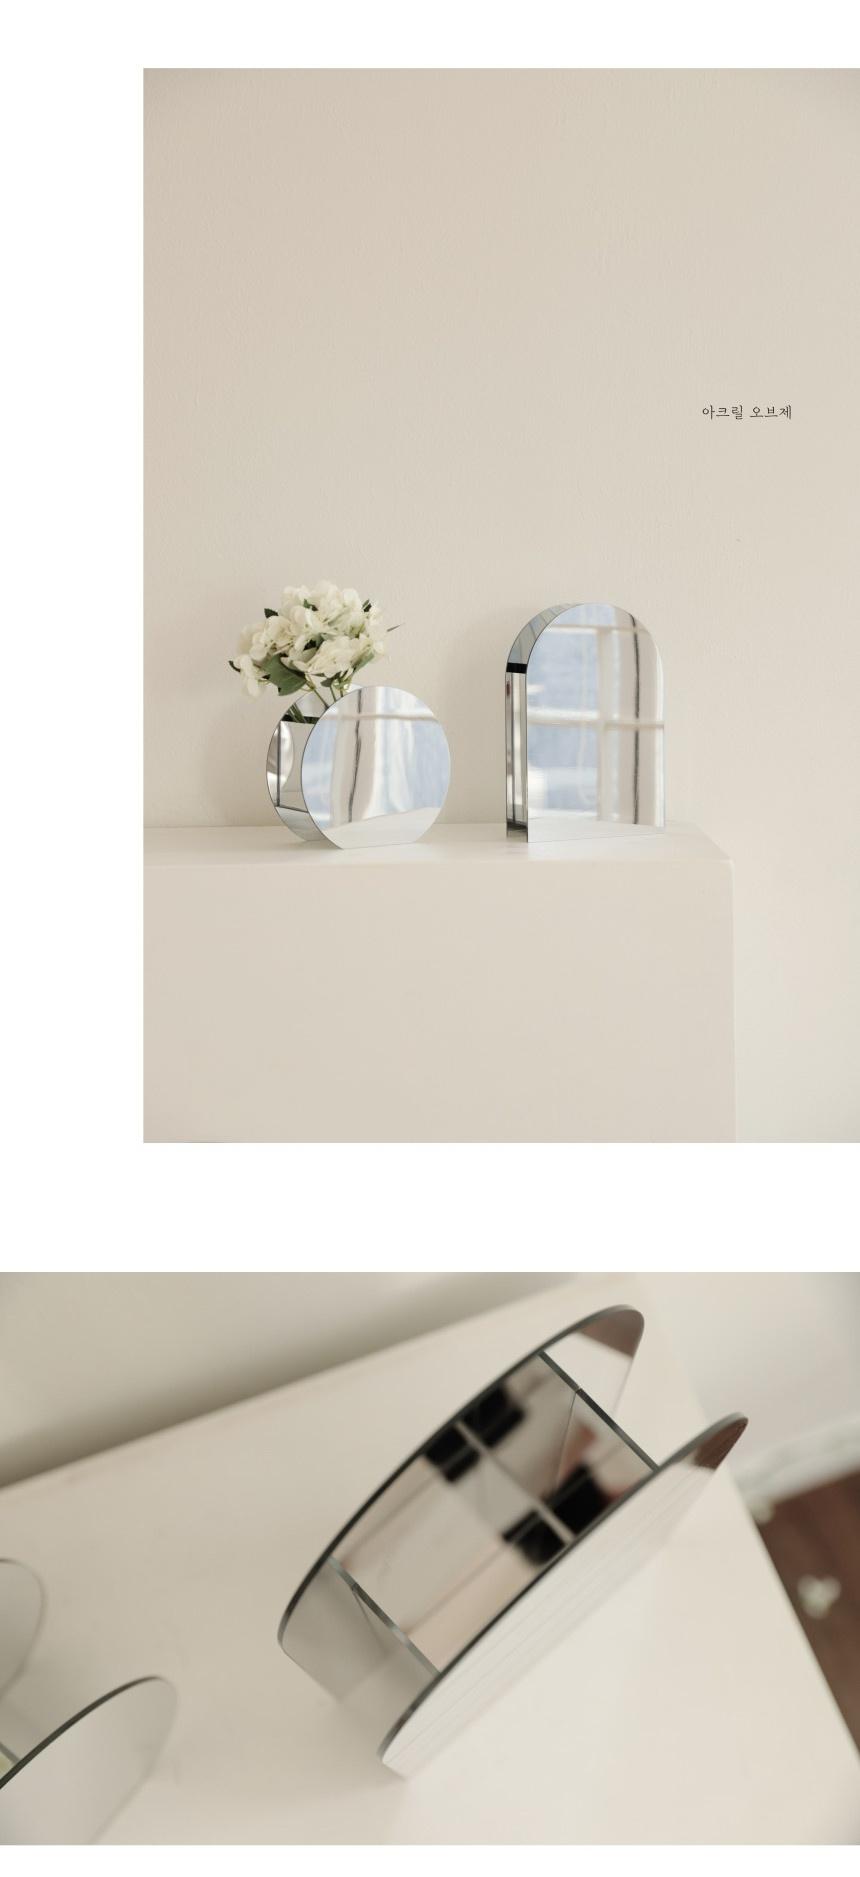 acrylic_mirror_vase_03.jpg